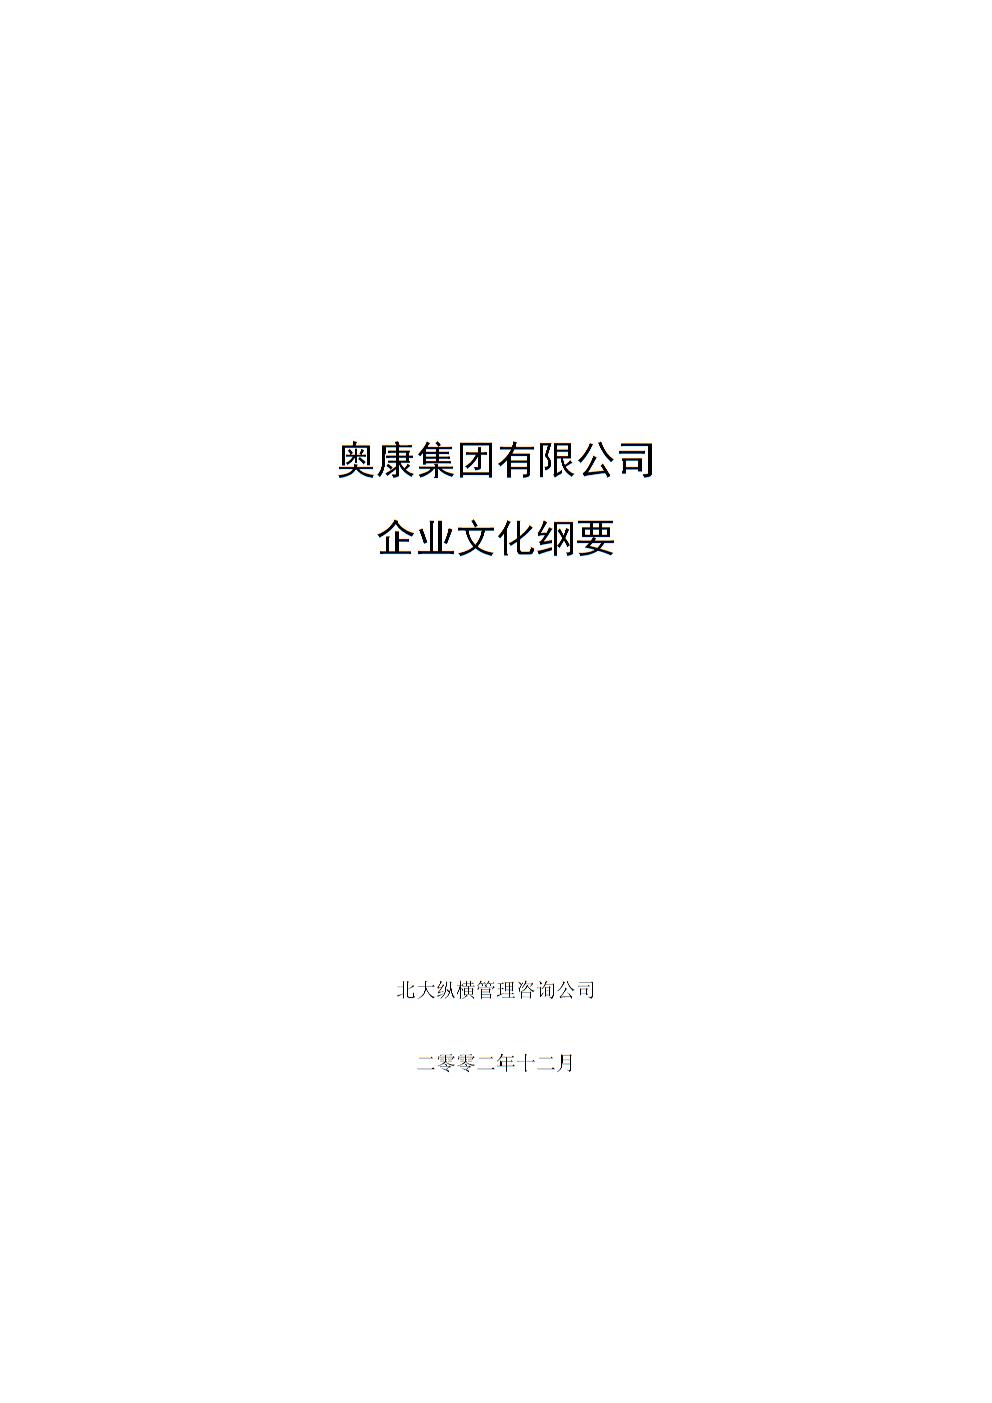 皮鞋集团有限企业文化纲要.doc